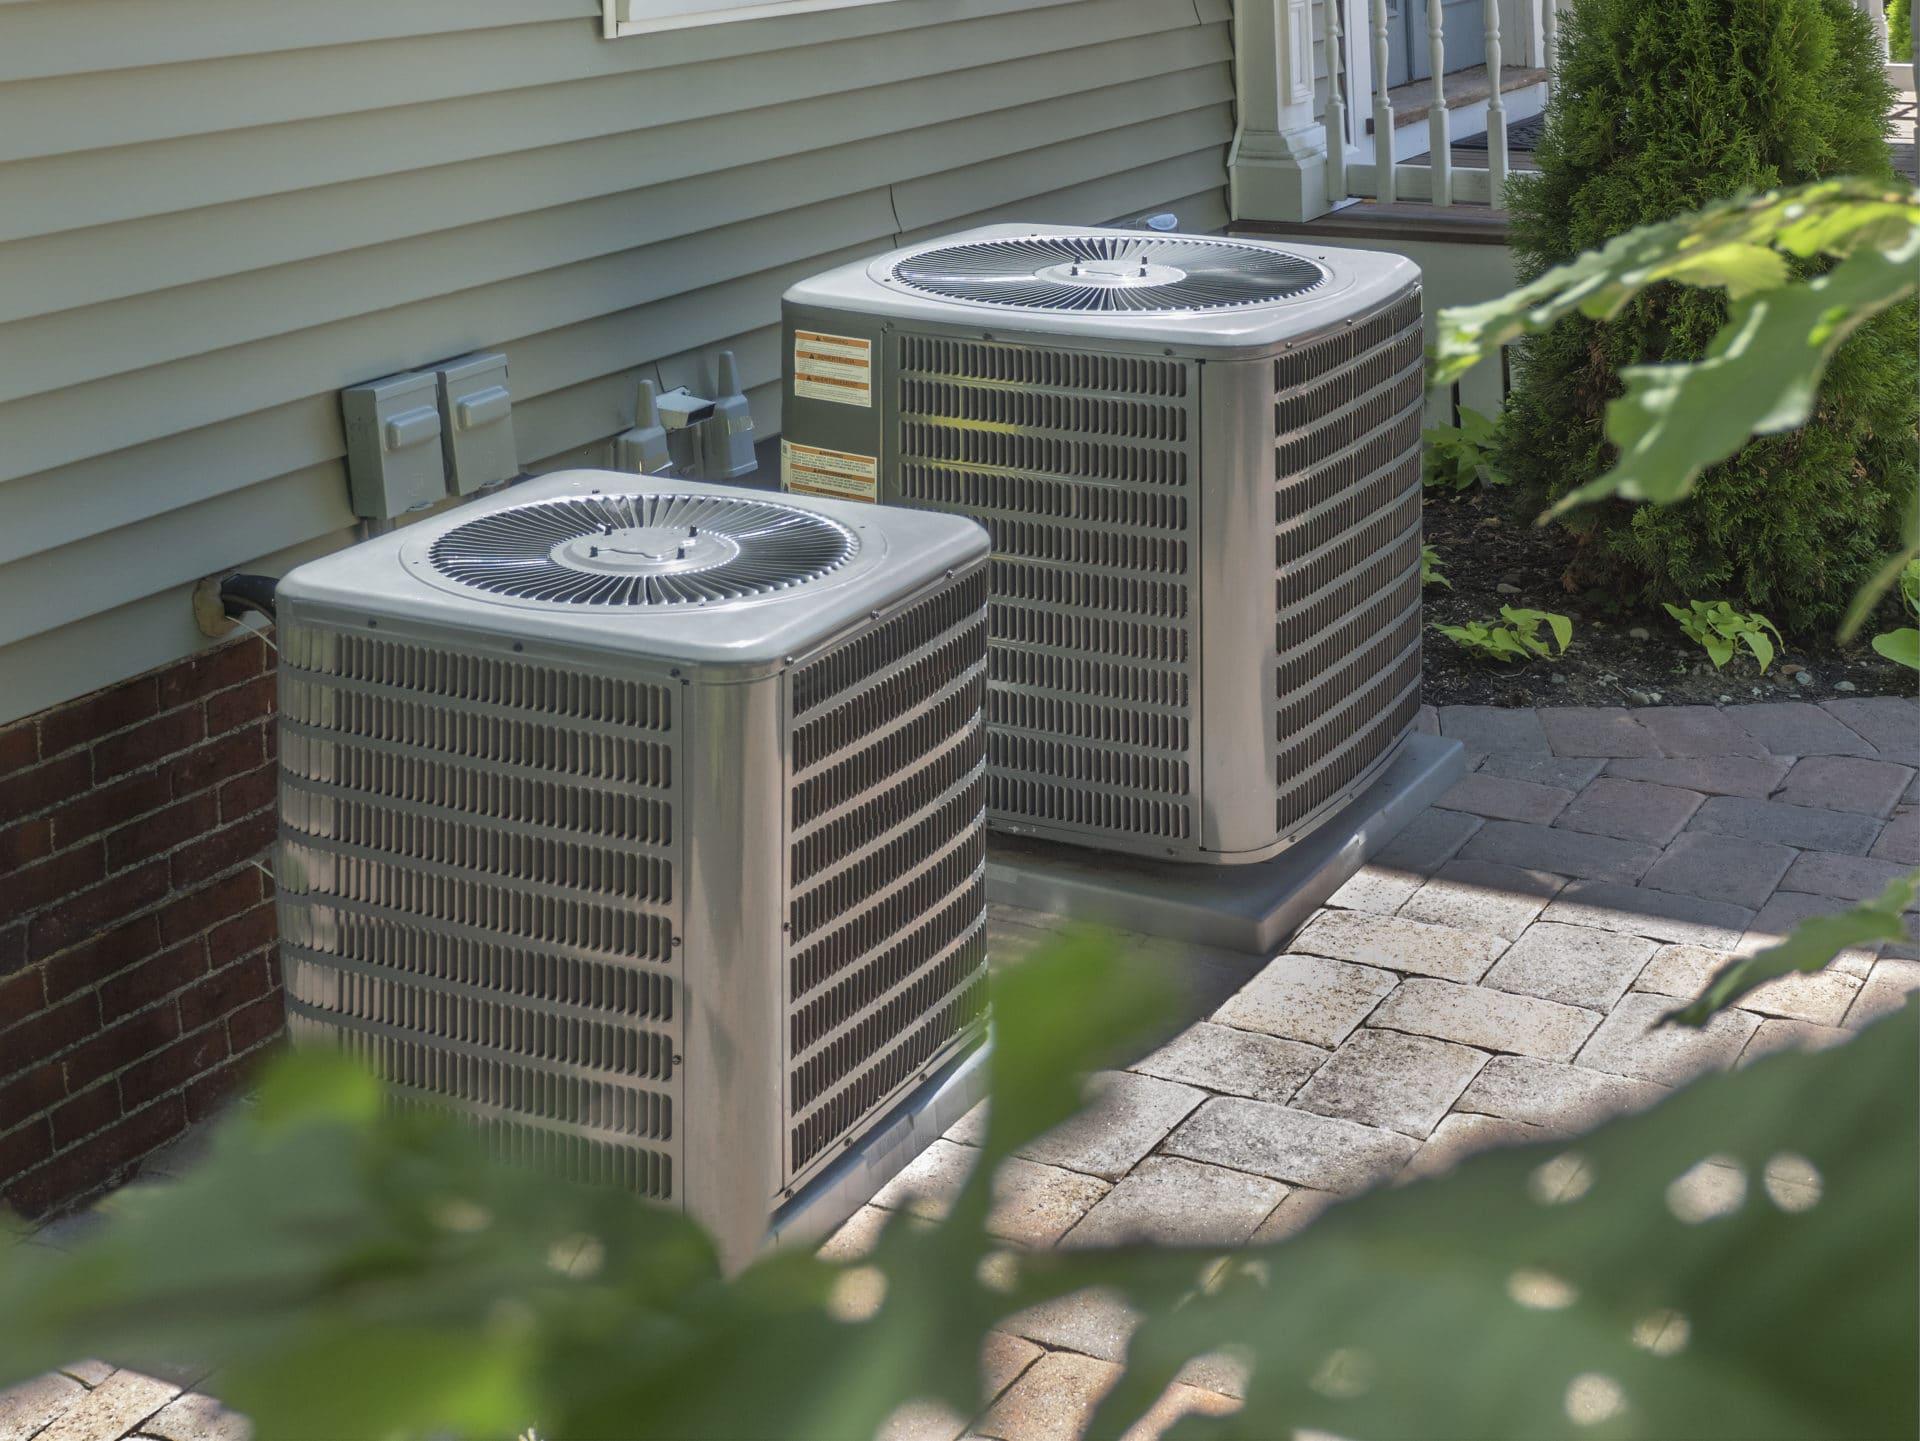 Luftwärmepumpe an Grundstücksgrenze - Kein nachbarlicher Beseitigungsanspruch